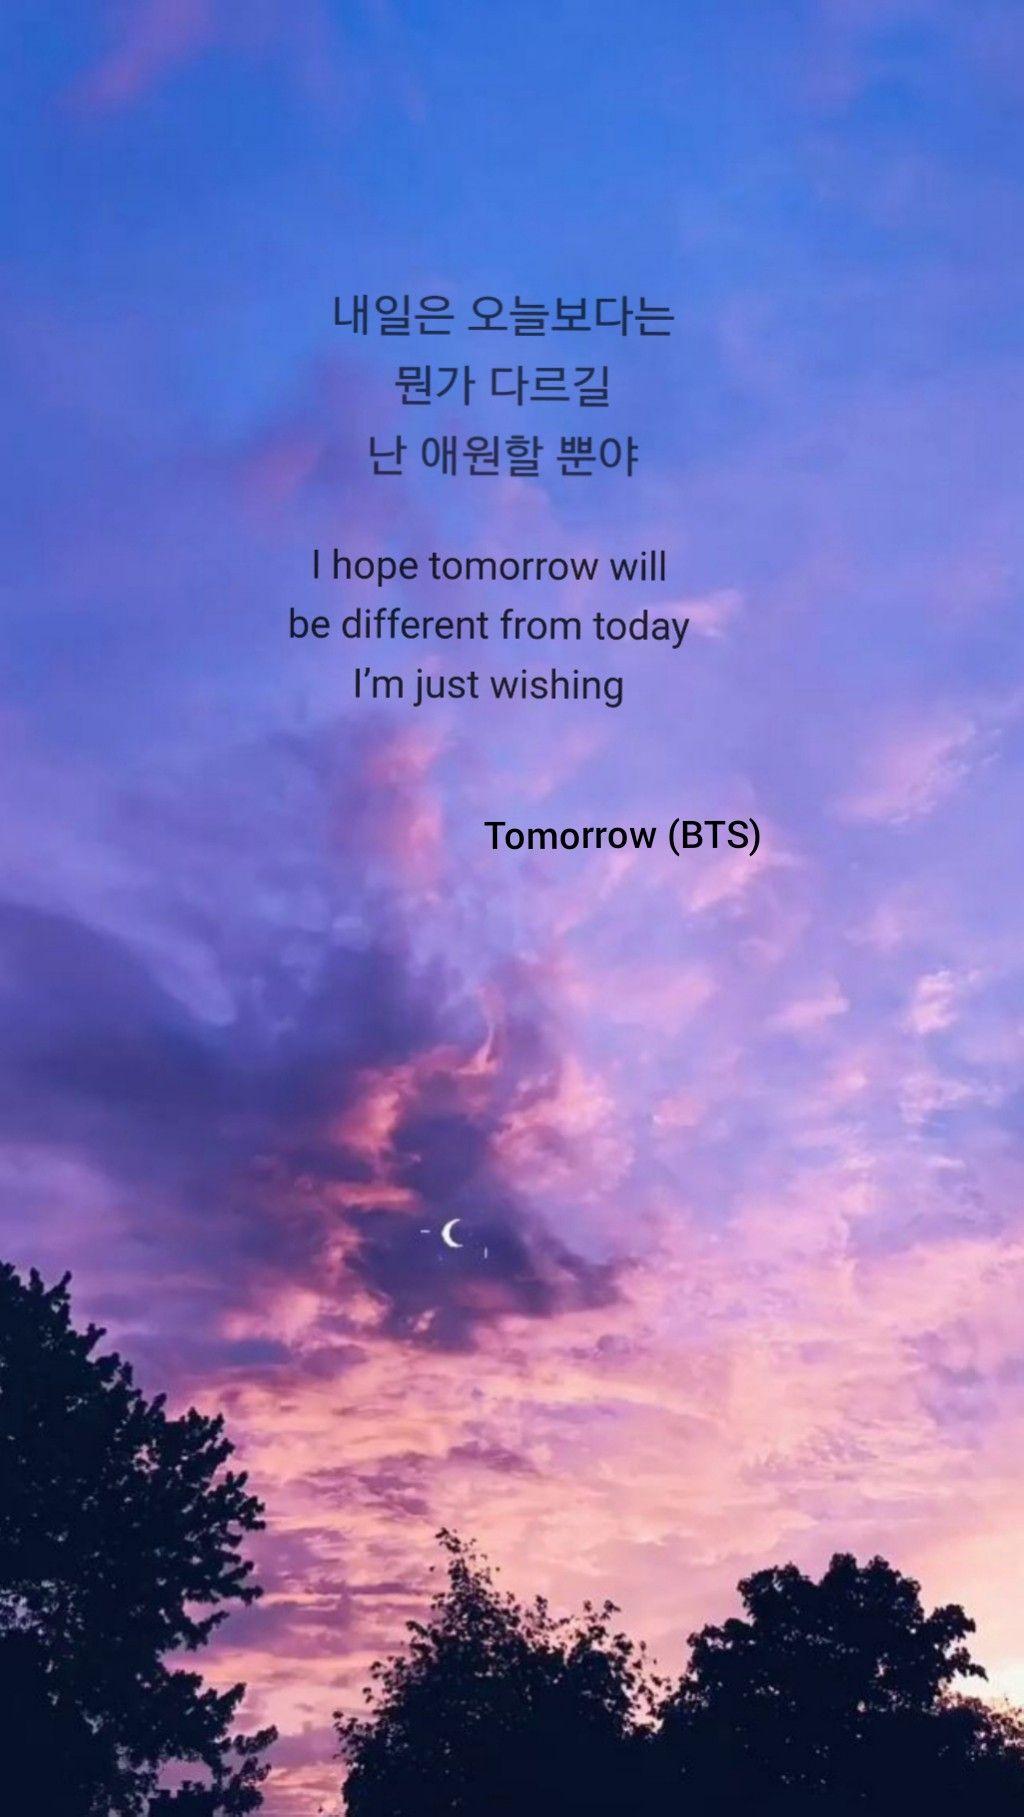 BTS 방탄소년단 Wallpaper Tomorrow Lyrics | Kutipan hidup, Kata-kata indah, Hidup